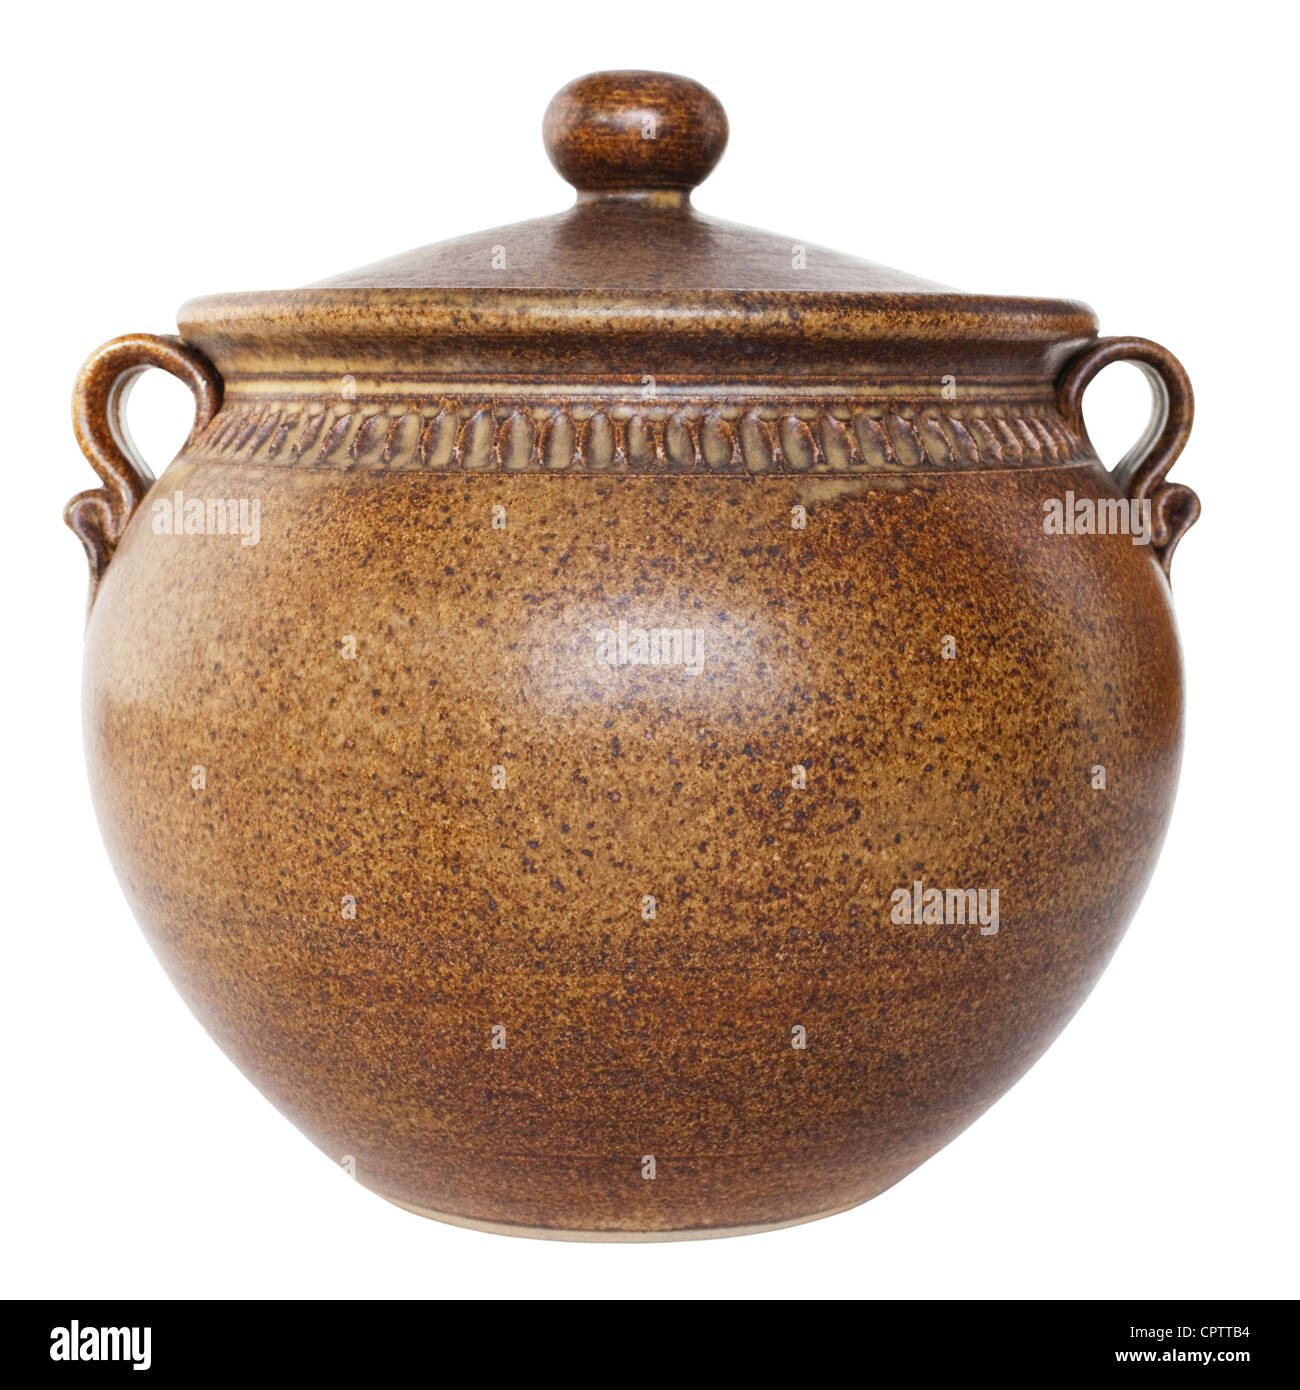 Tradizionale ceramica marrone casseruola isolato su bianco. Immagini Stock